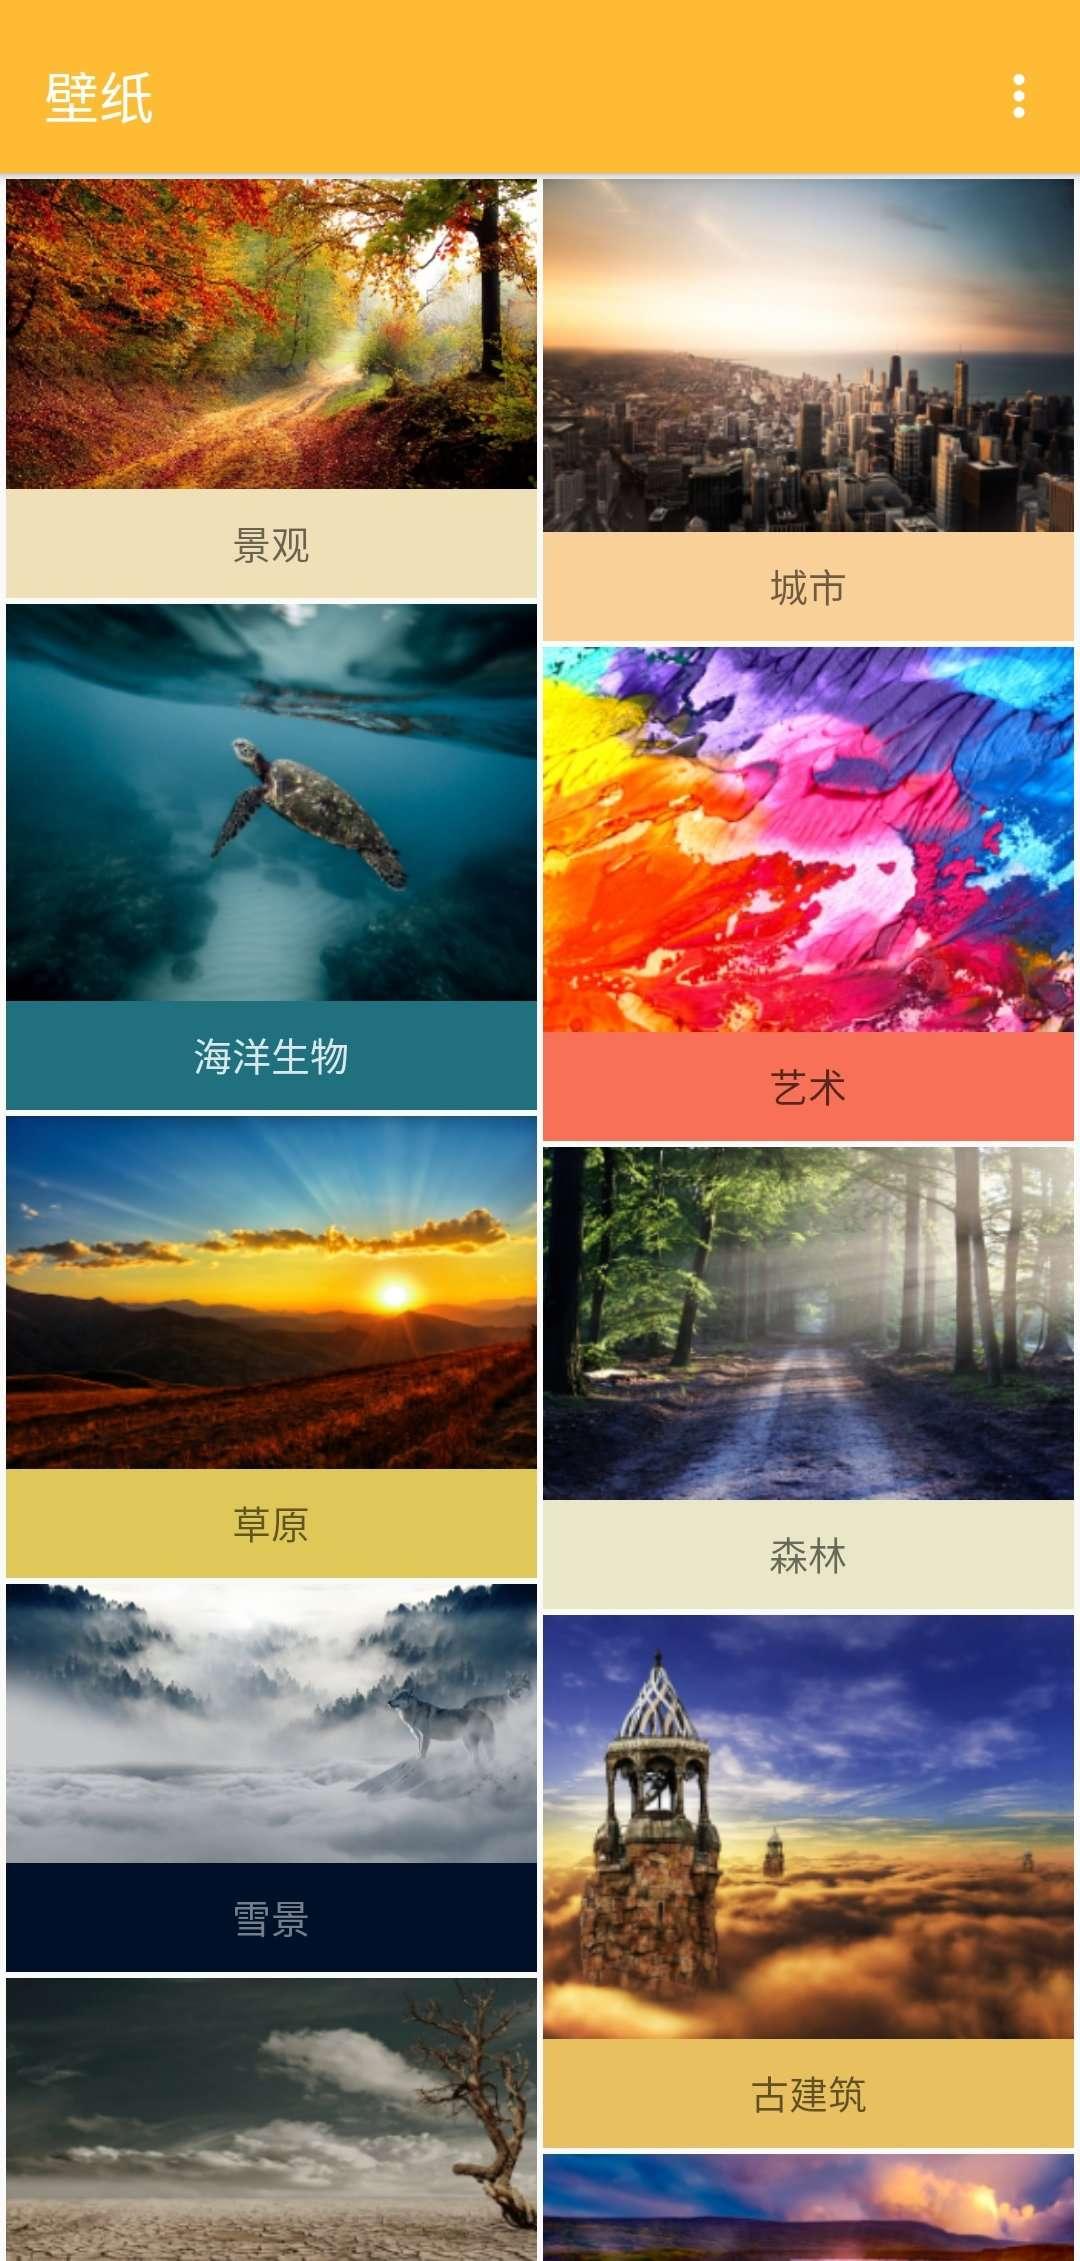 【分享】壁纸v2.3.0一款在线图片浏览应用-爱小助